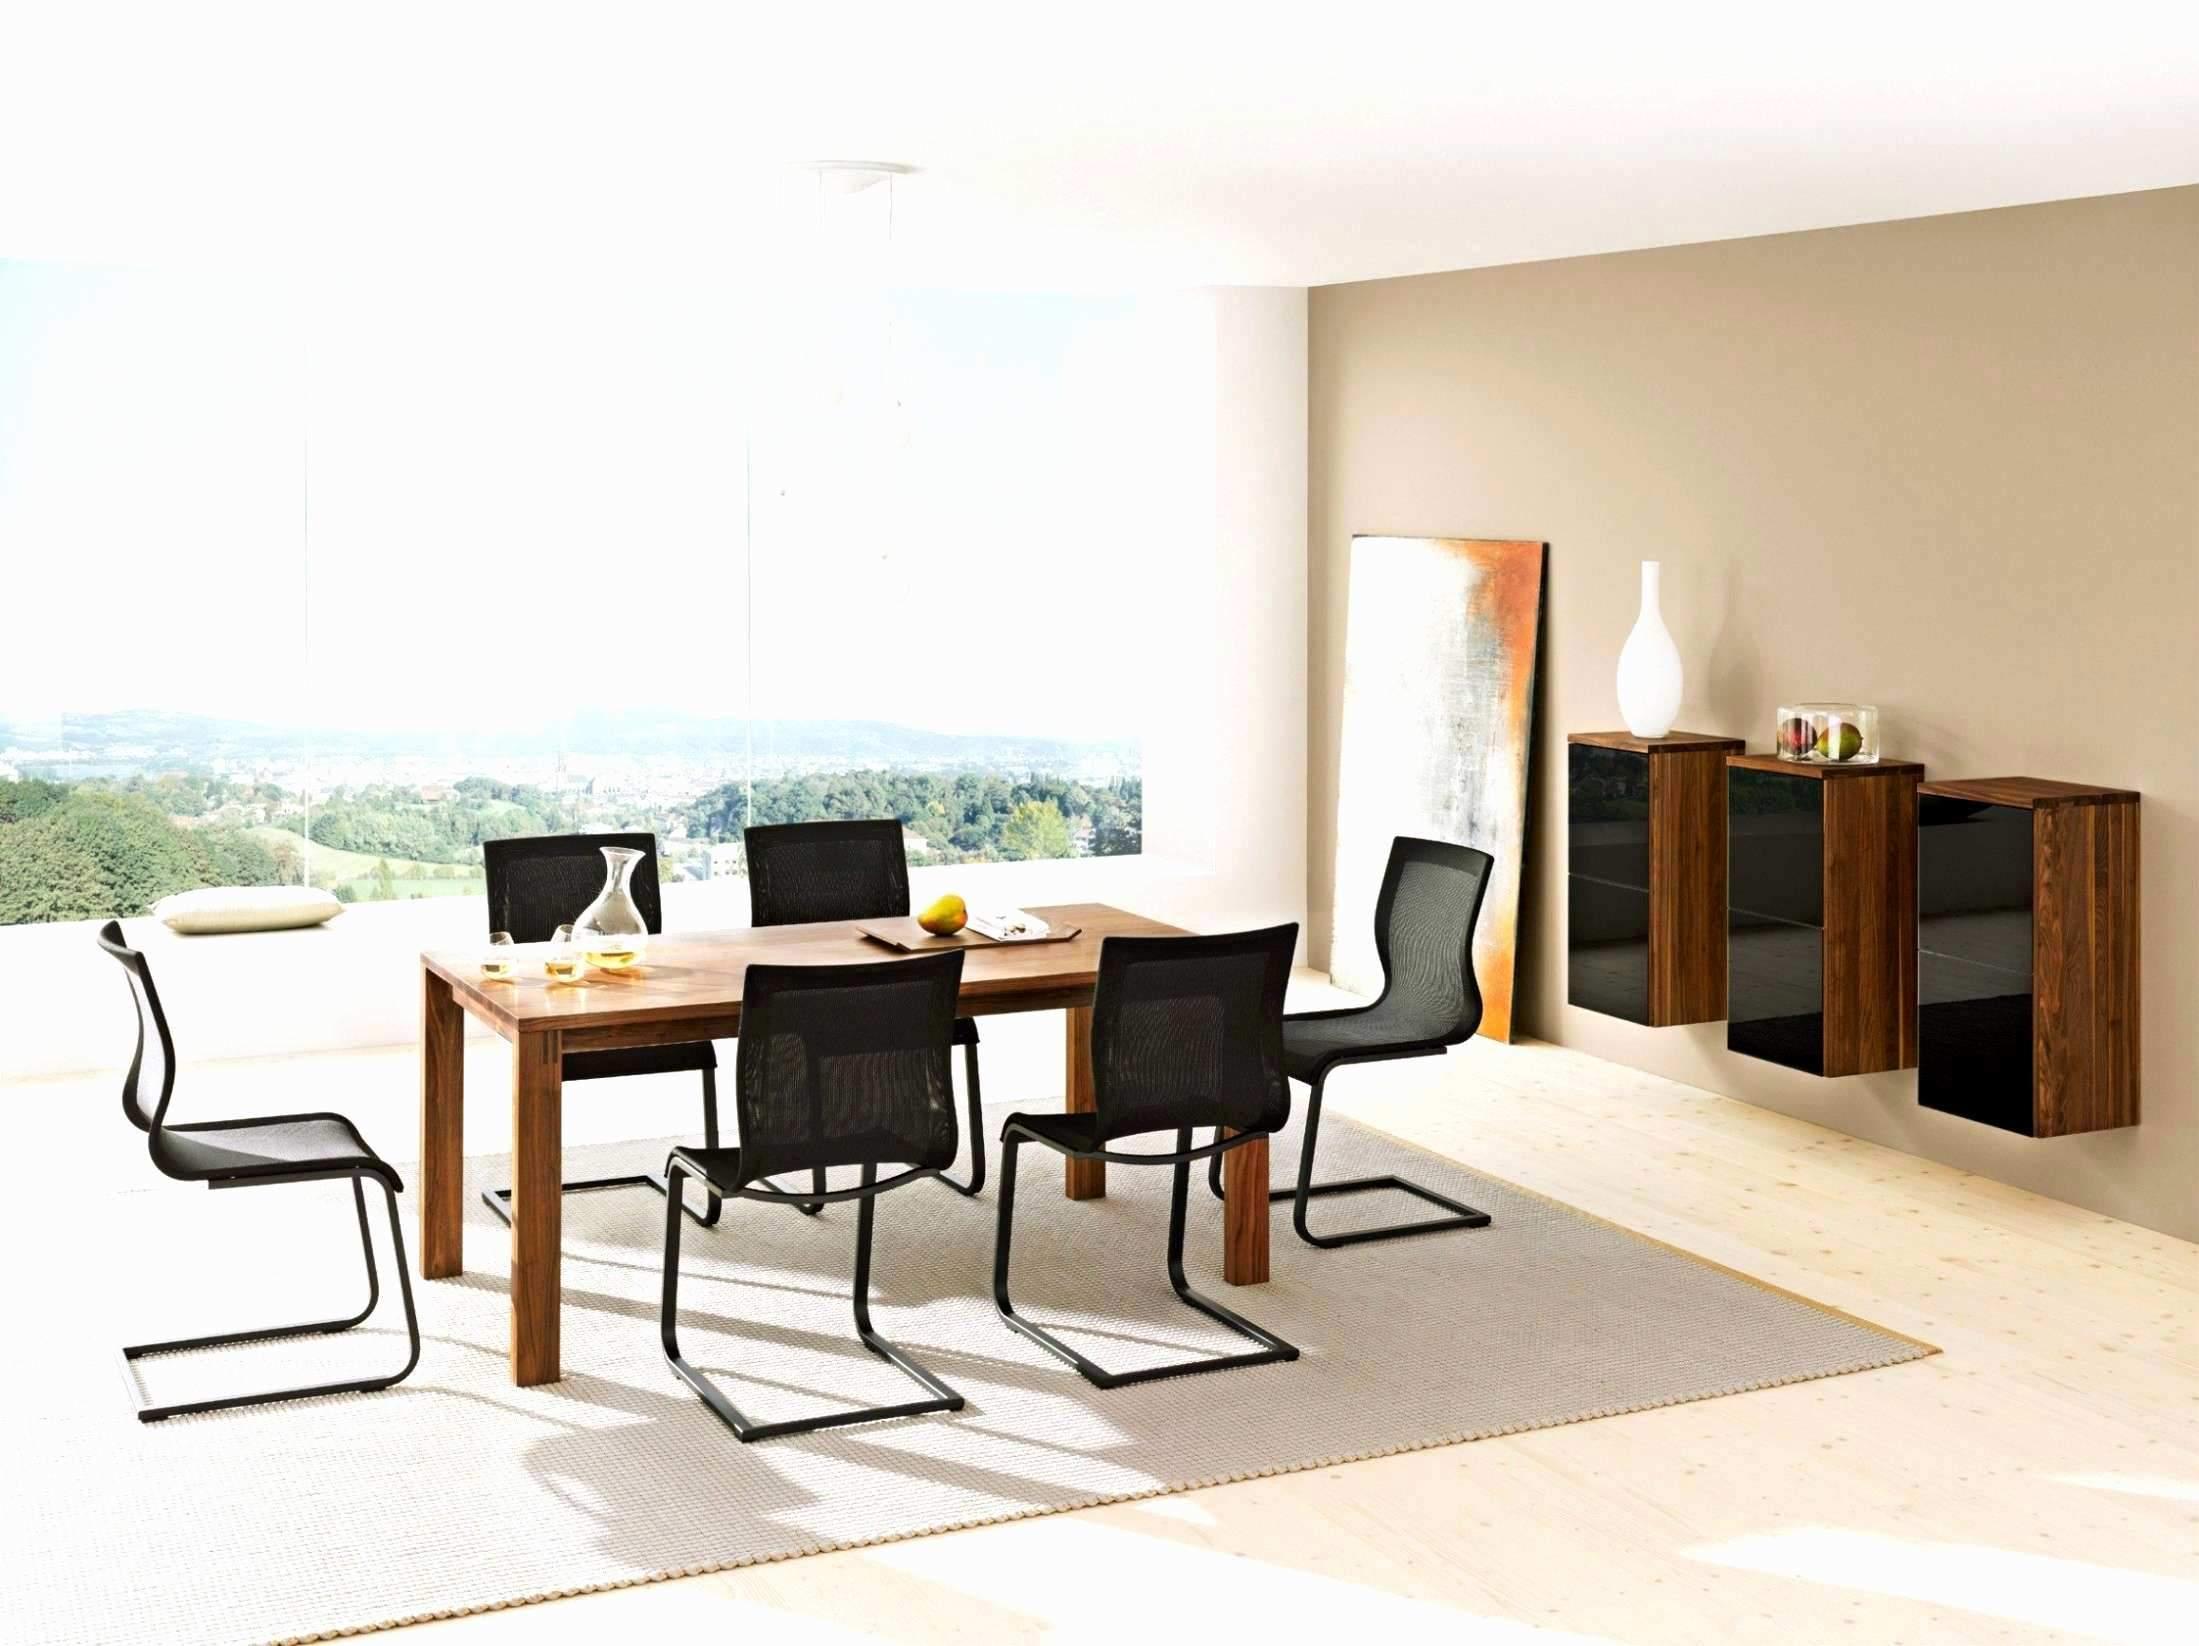 wanddekoration ideen wohnzimmer reizend 50 einzigartig von wanddeko wohnzimmer selber machen ideen of wanddekoration ideen wohnzimmer